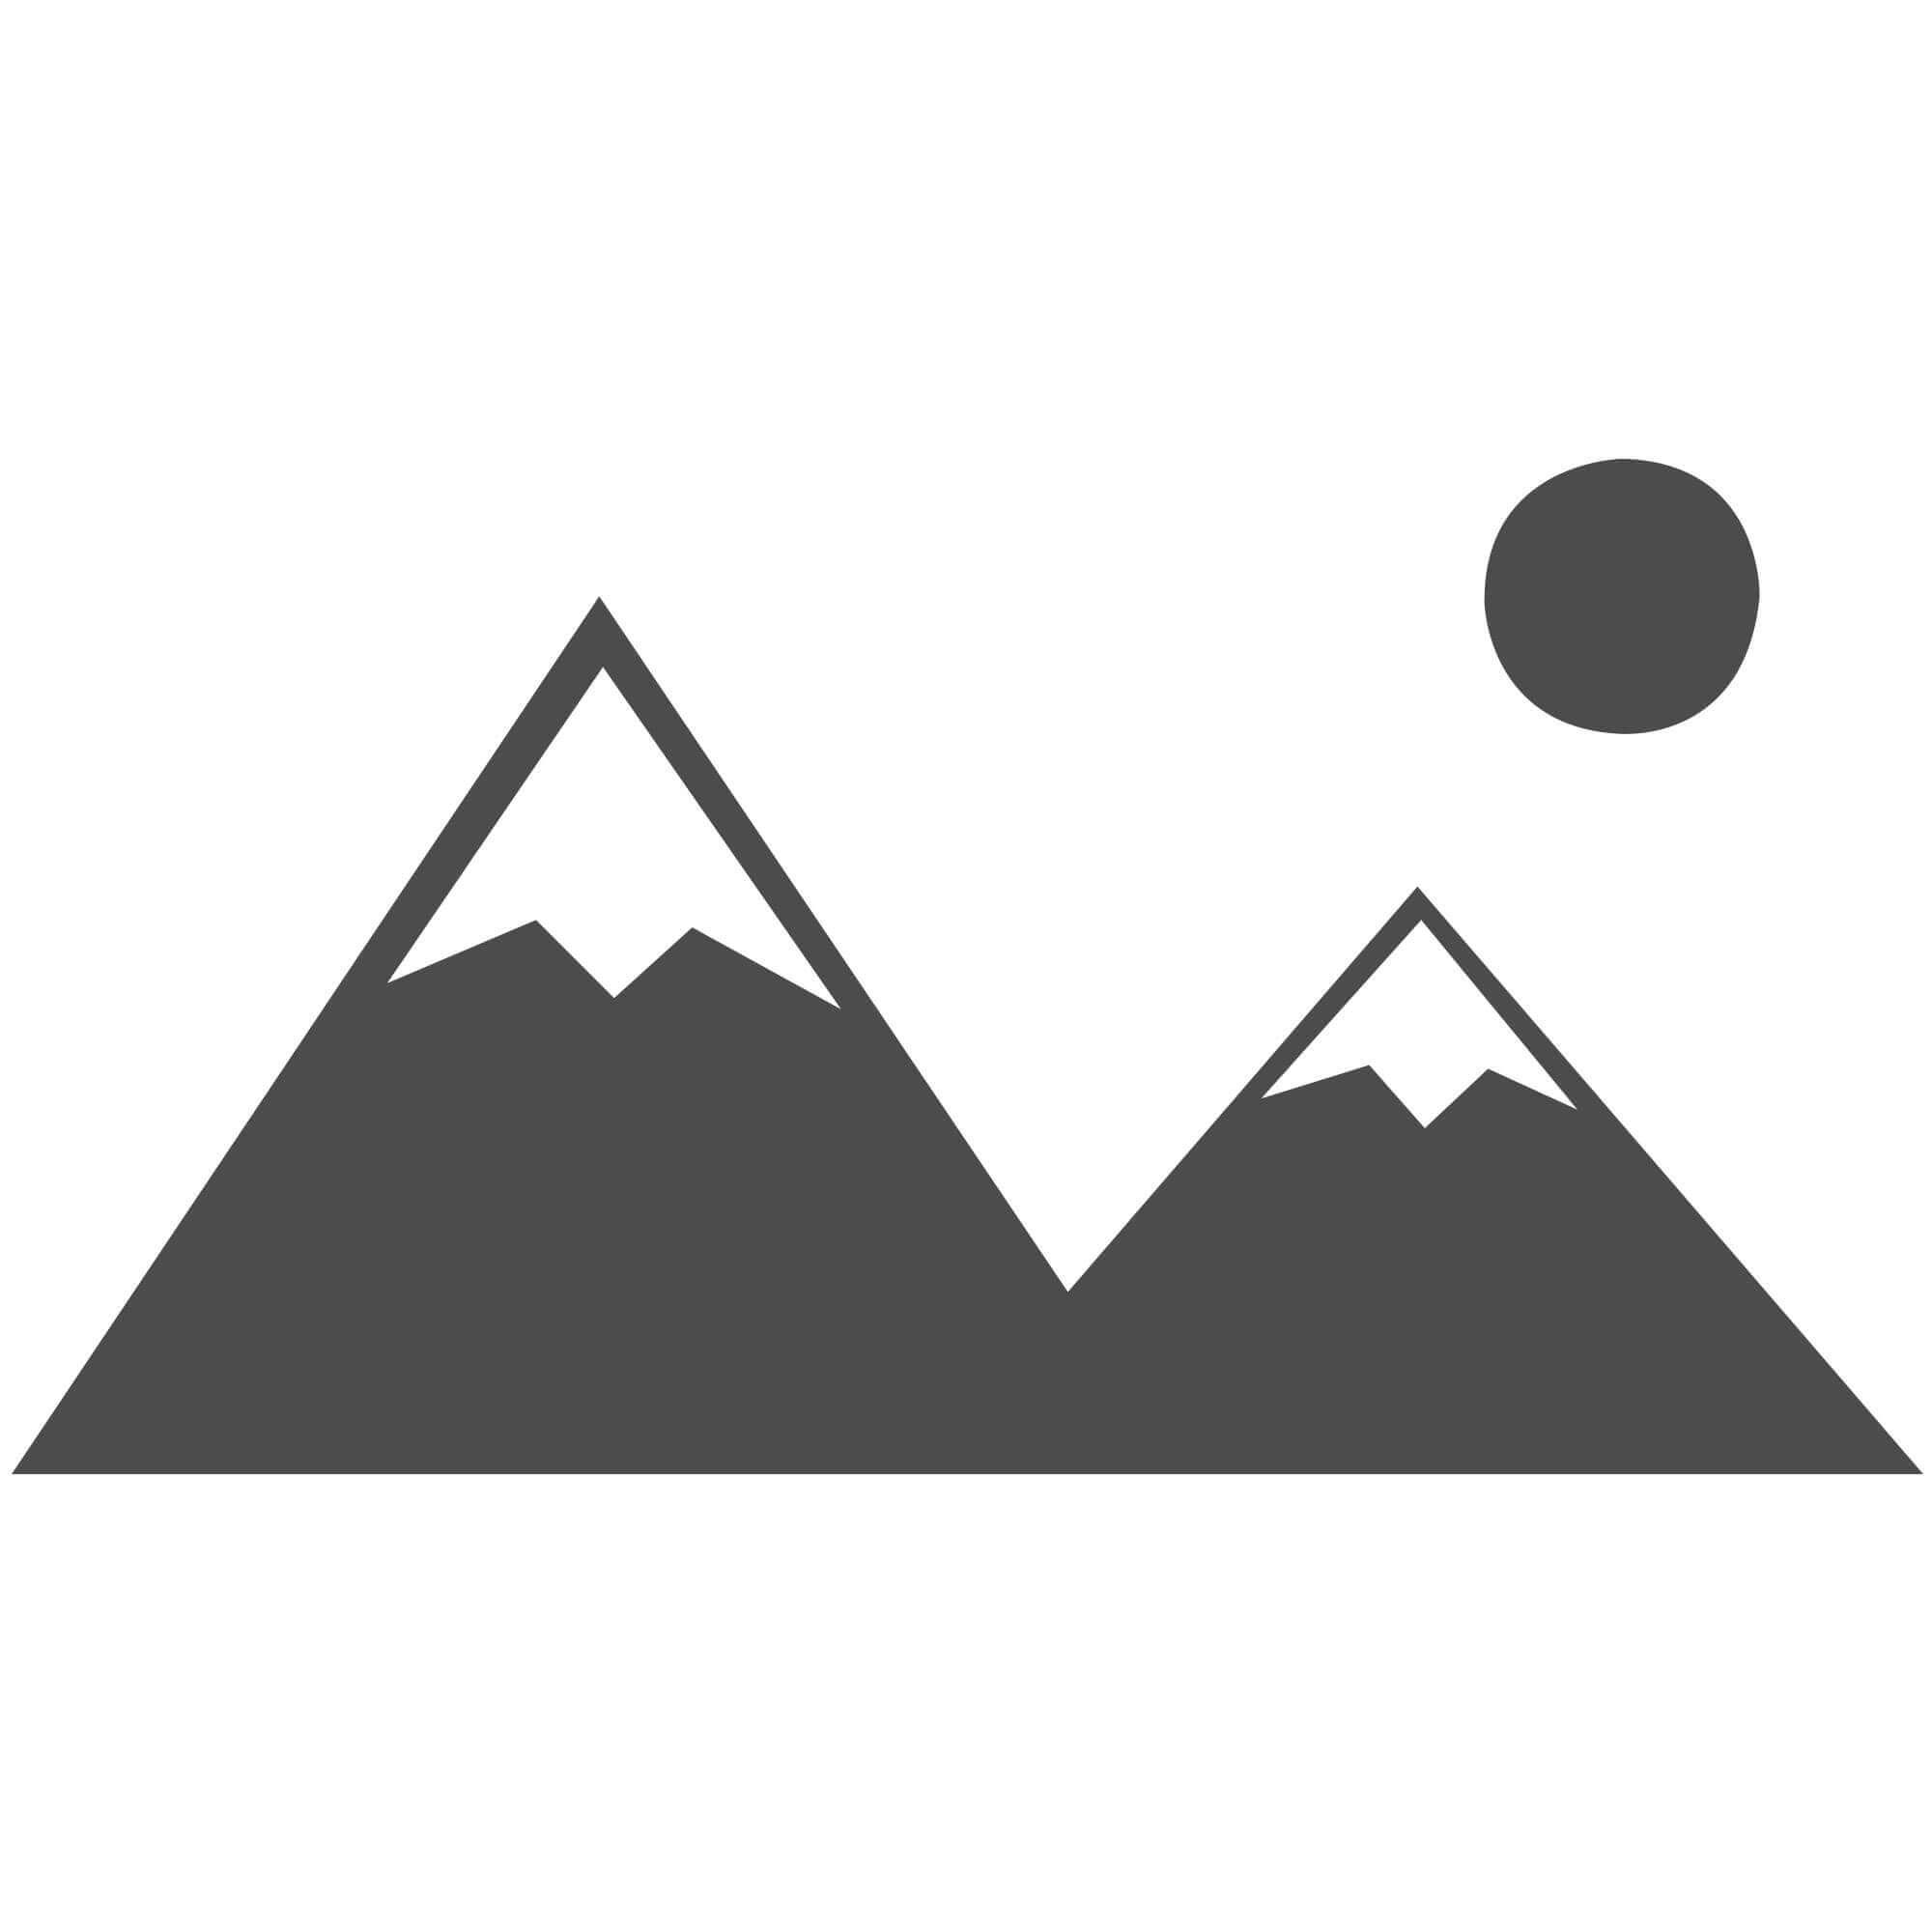 """Velvet Shaggy Rug - Red - Size 80 x 150 cm (2'8"""" x 5')"""